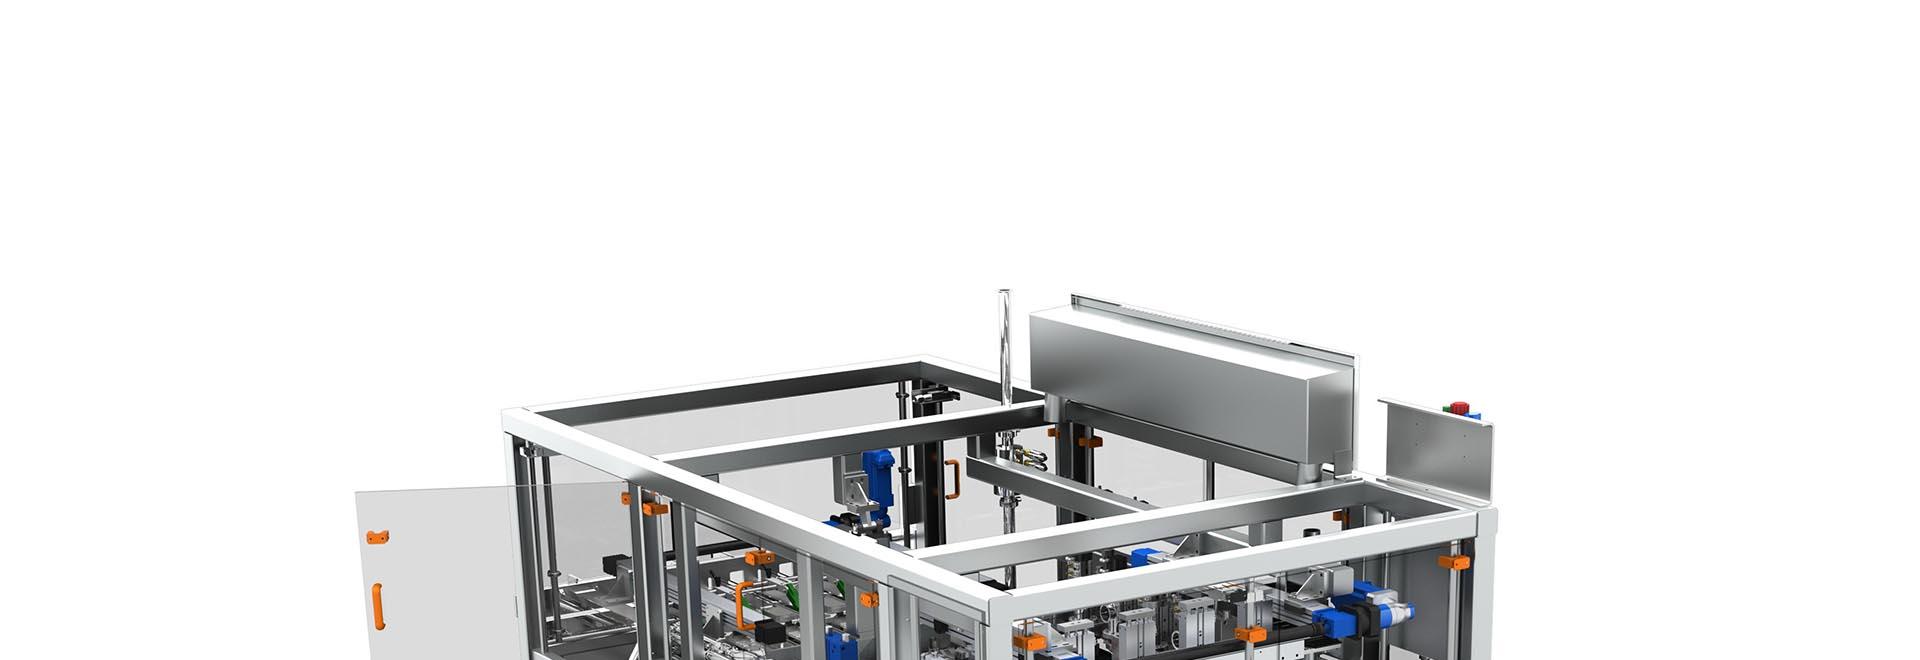 مهندسی معکوس دستگاه، ماشین آلات و خط تولید